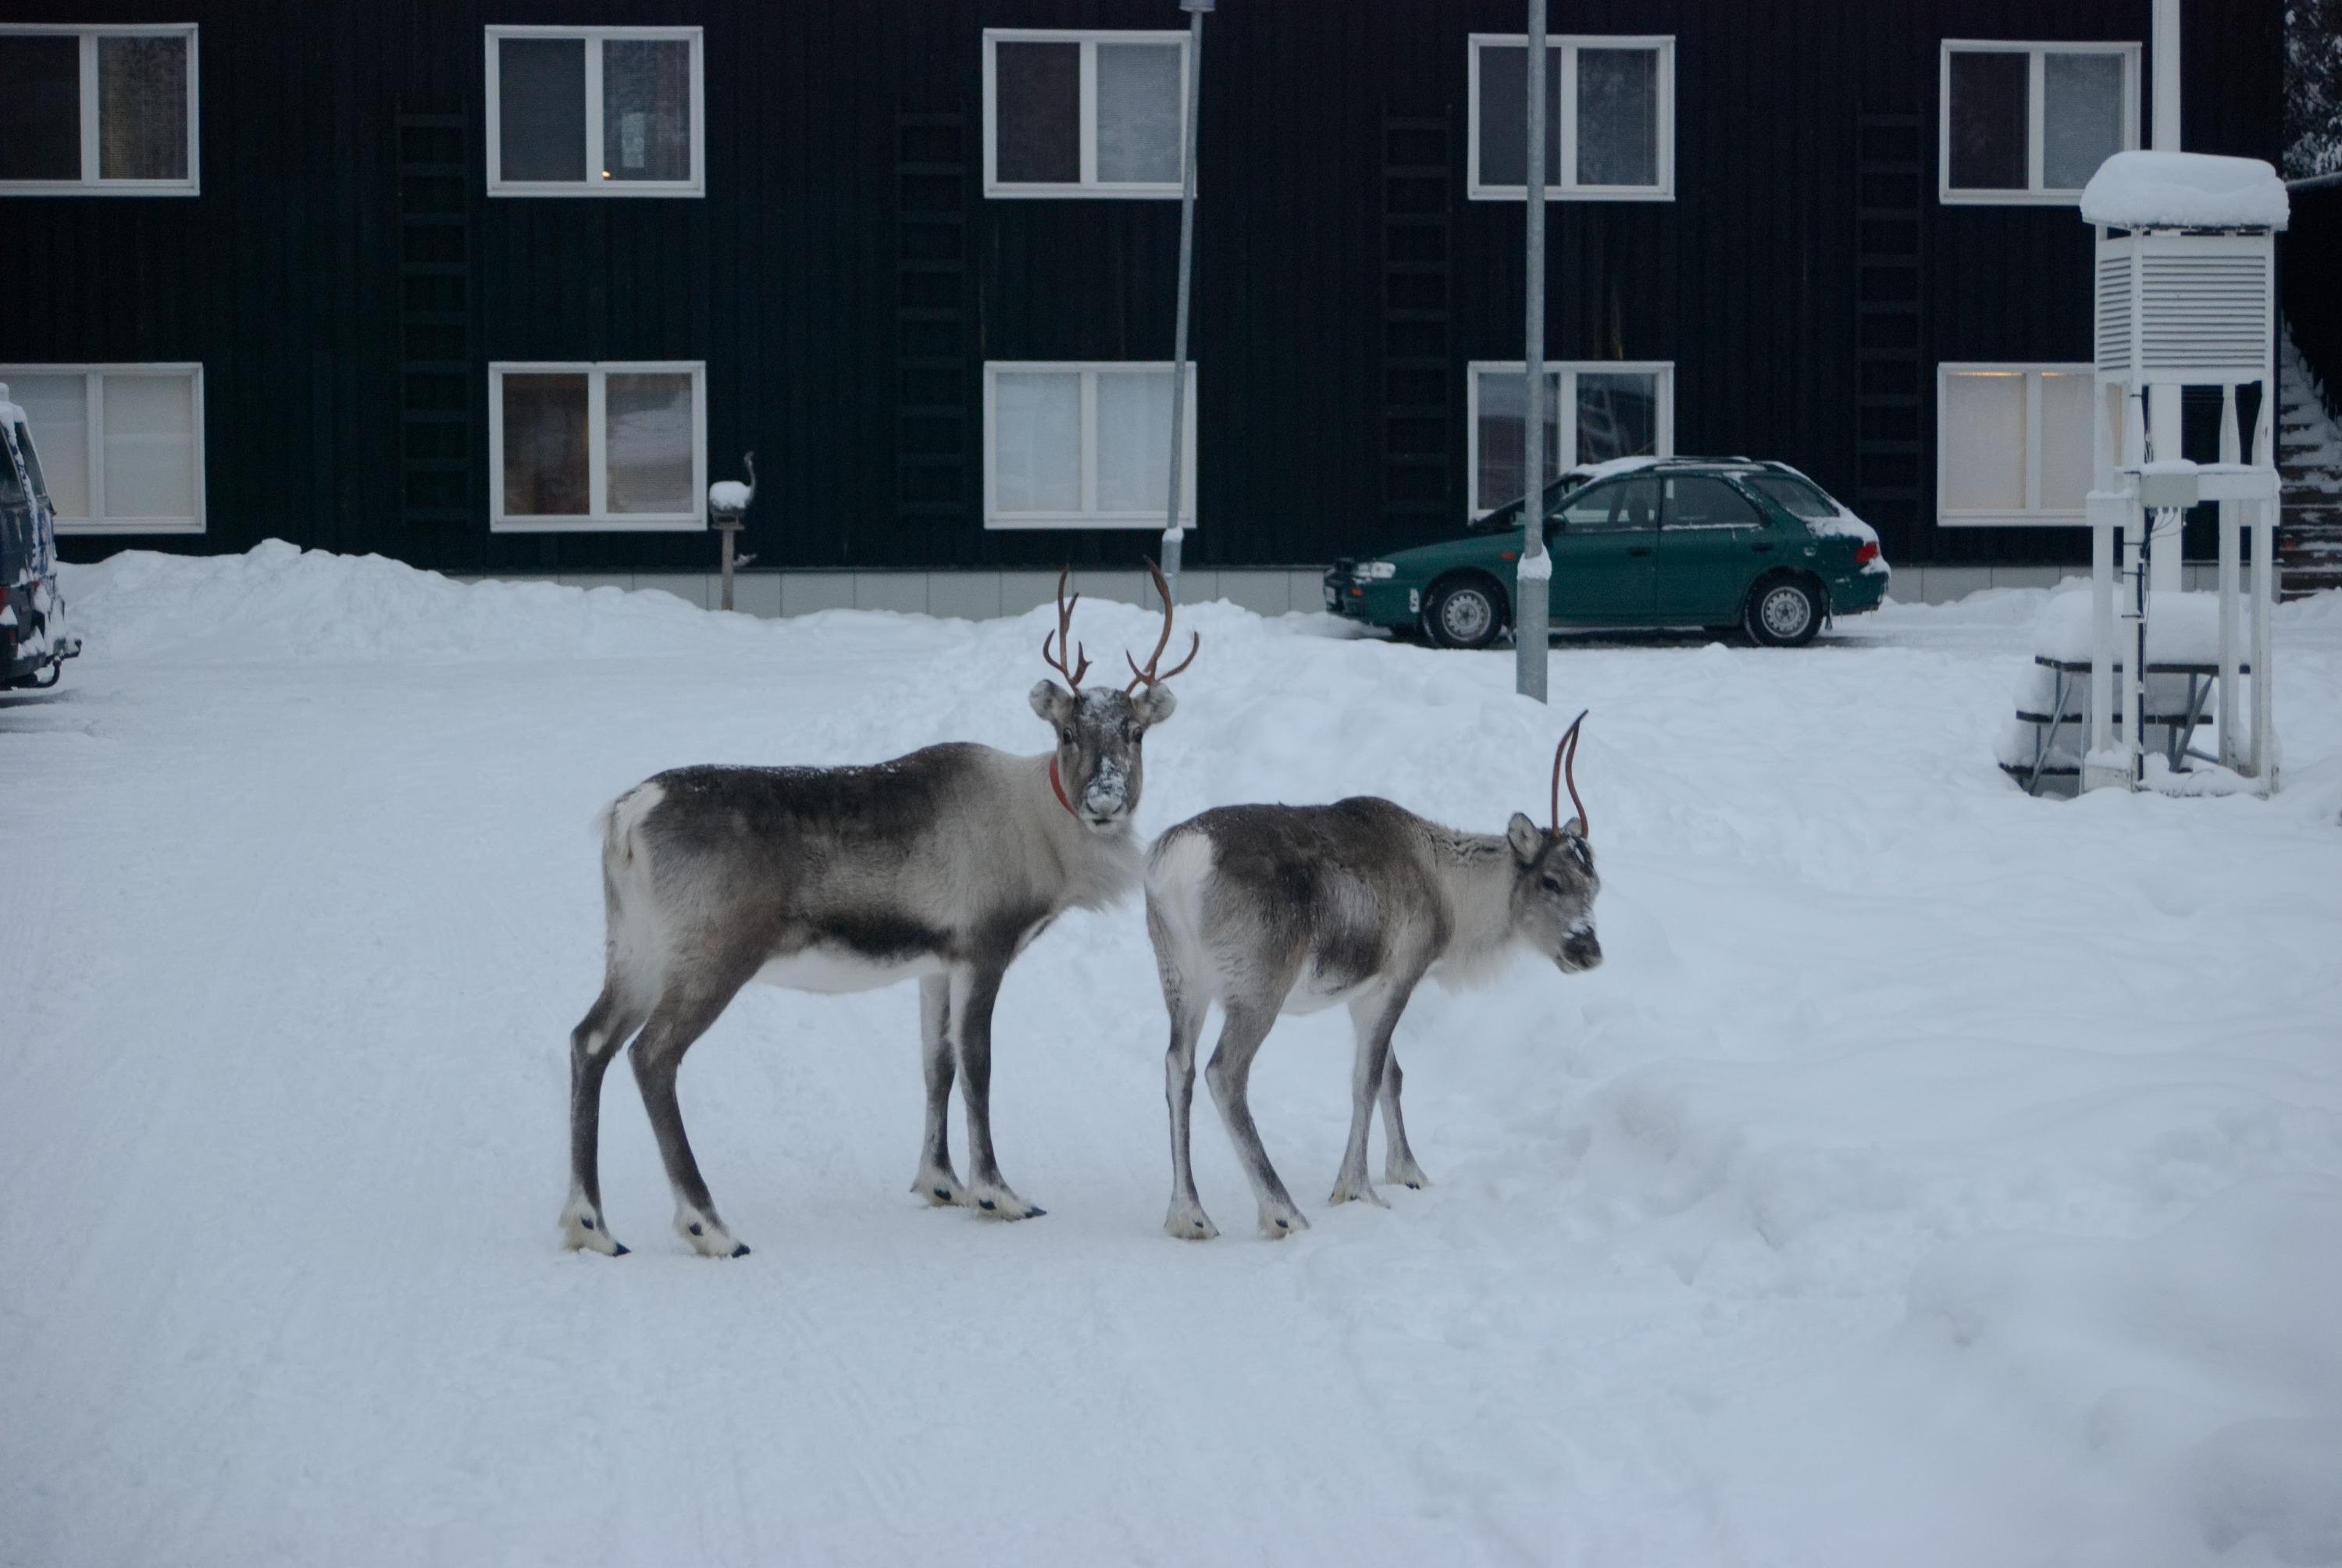 На севере, в Лапландии, можно встретить оленей в маленьких городках